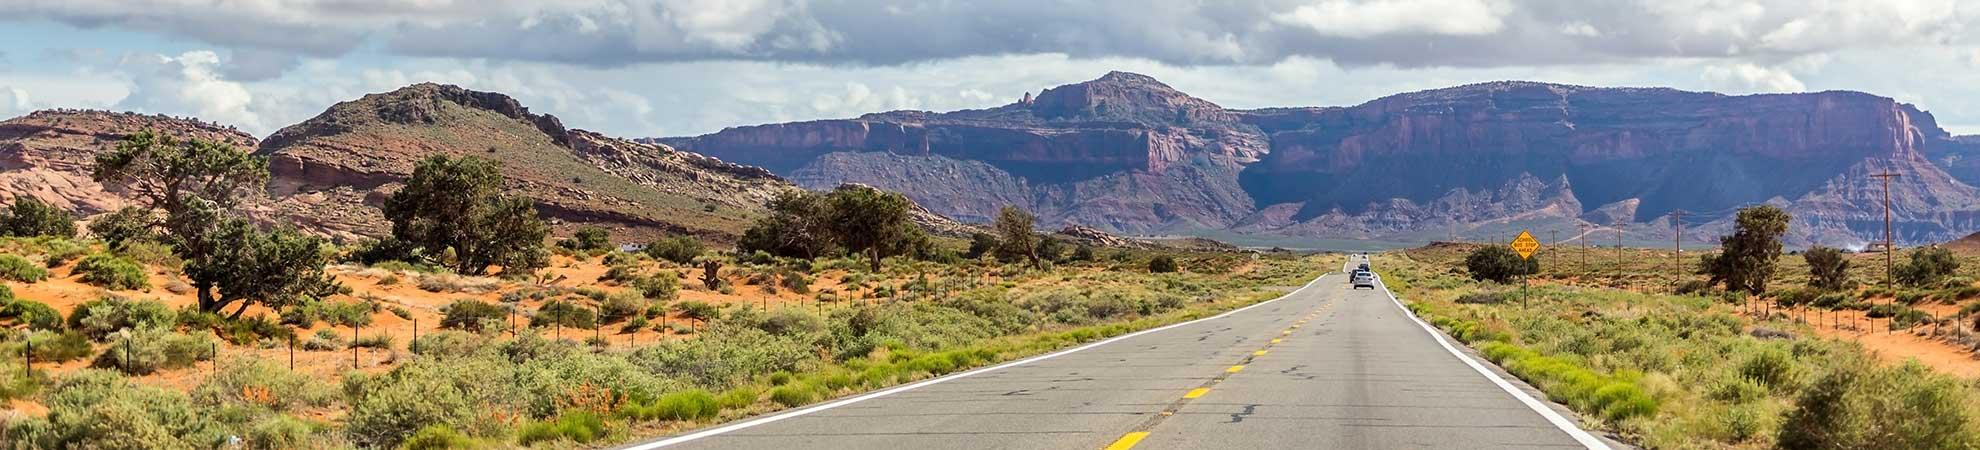 Voyage aux Etats Unis en autotour : L'ouest américain